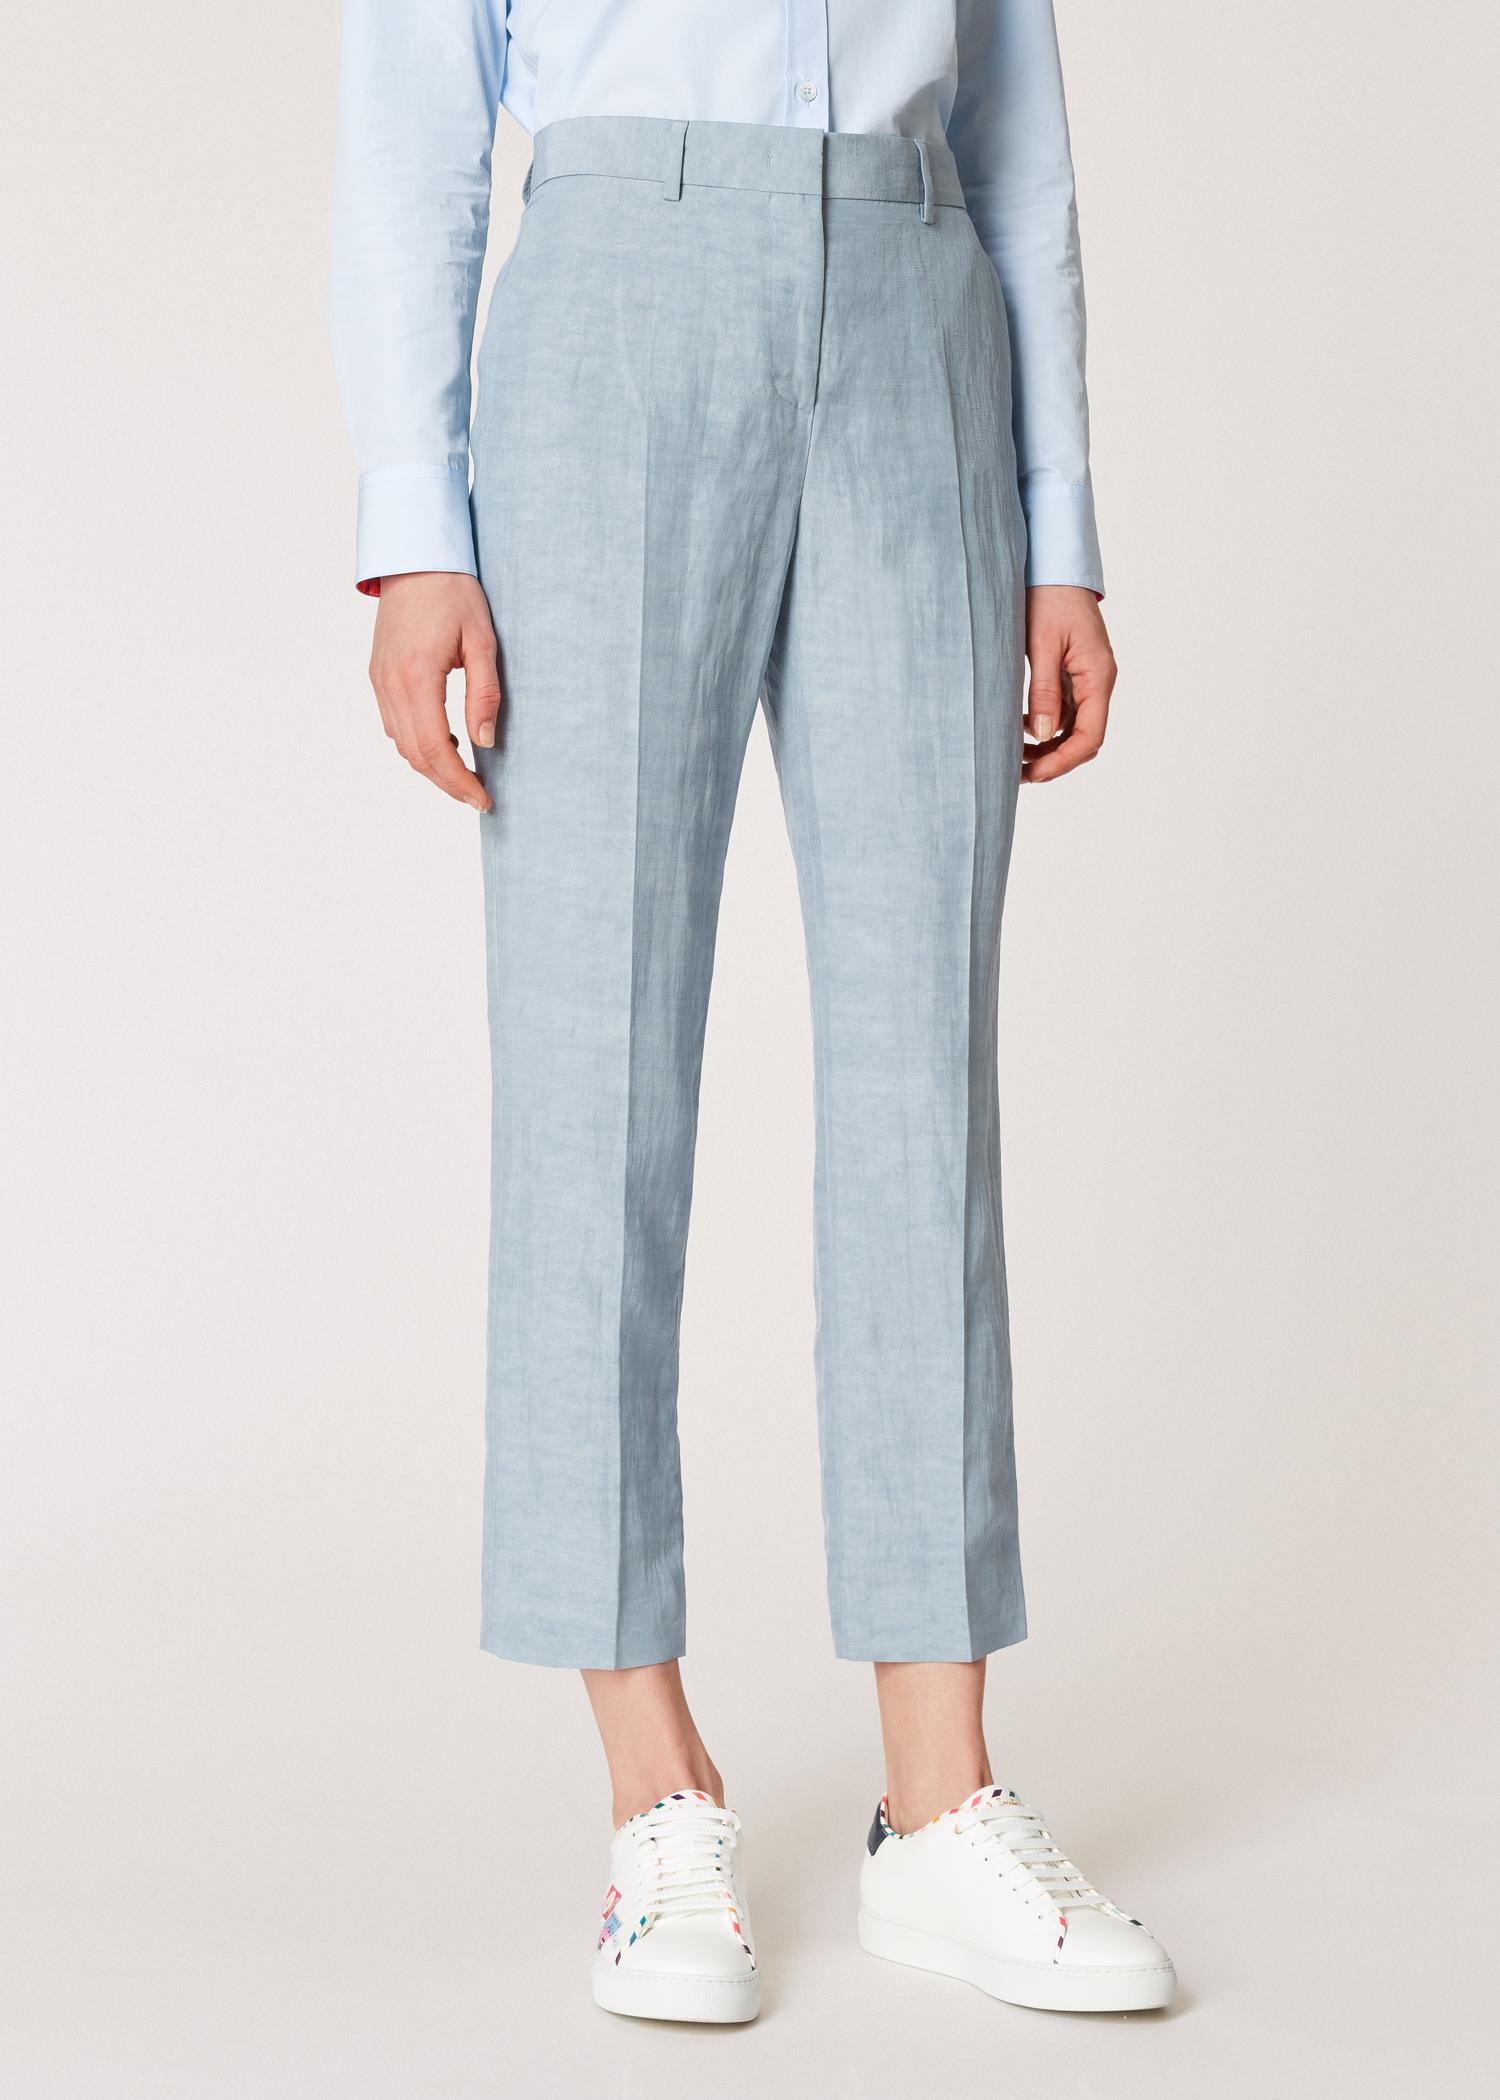 790088e42bb Model front close up - Women s Slim-Fit Pastel Blue Linen-Blend Trousers  Paul